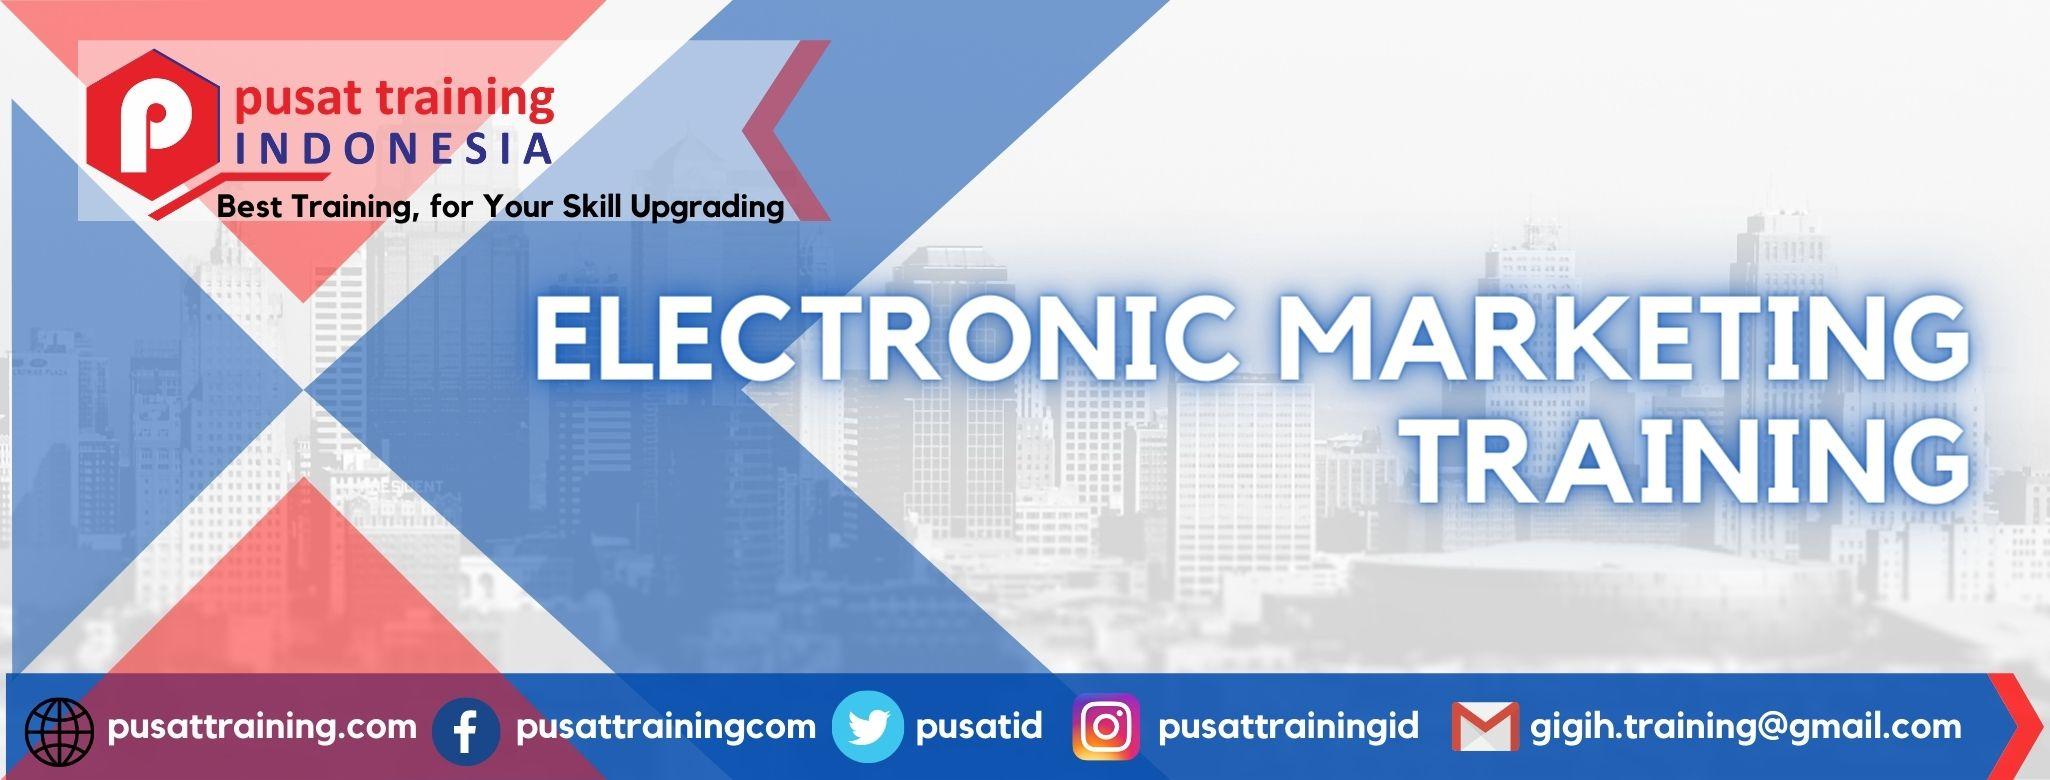 ELECTRONIC MARKETING TRAINING